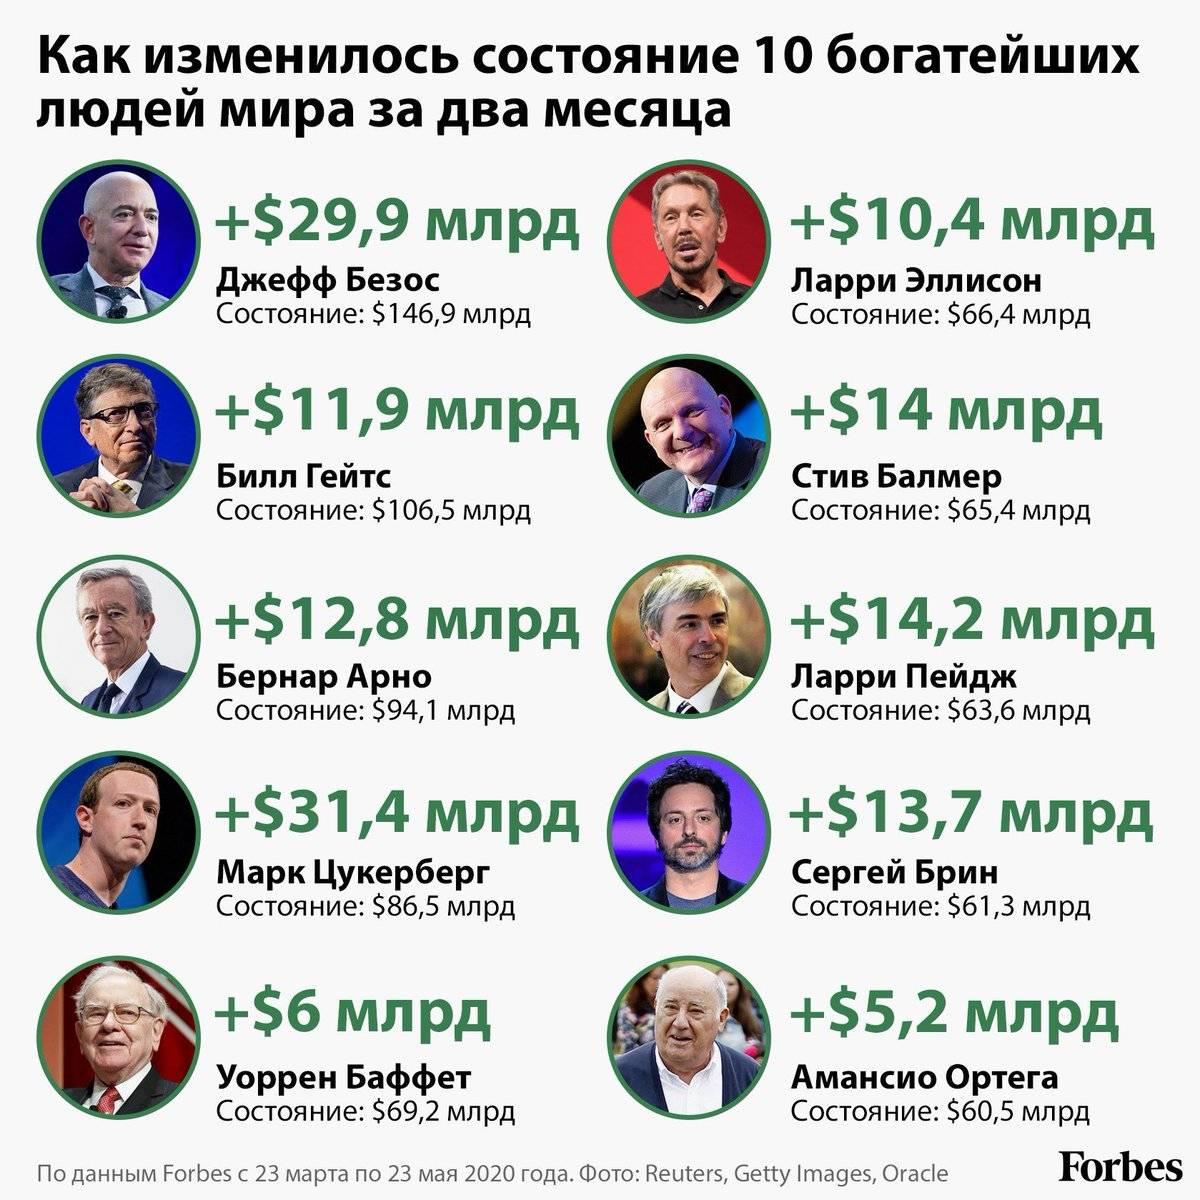 Топ-10 самых богатых людей россии. рейтинг 2020 |